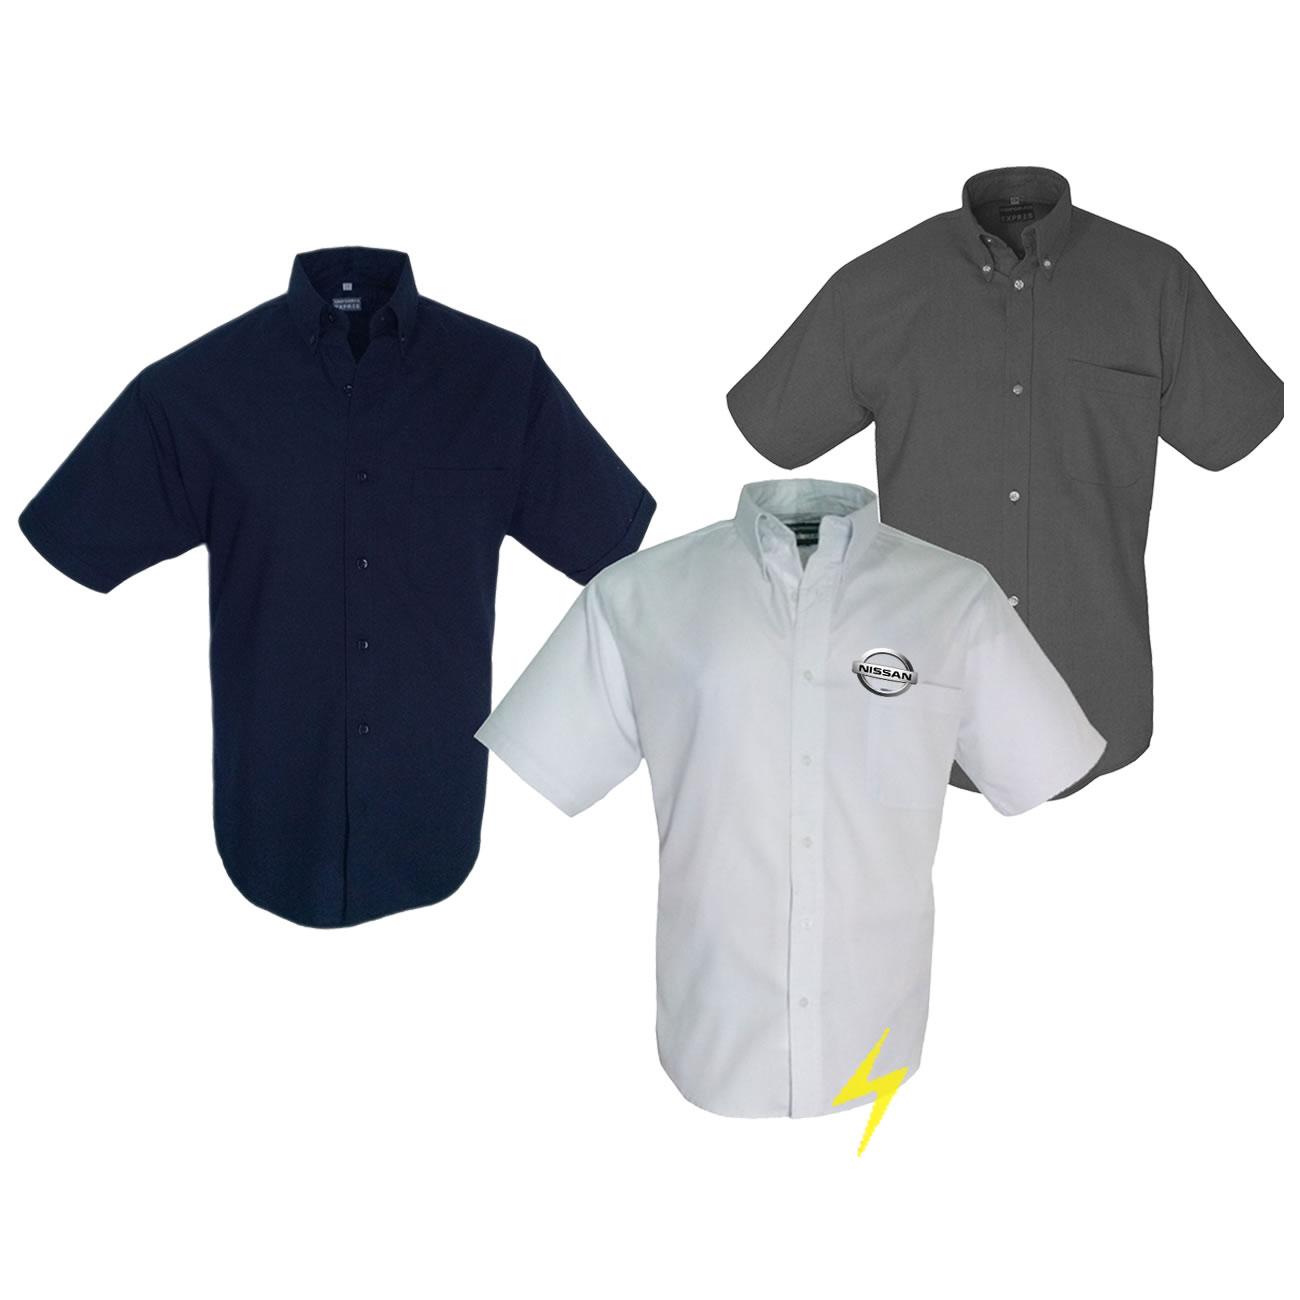 a57ceb05e1 Camisas bordadas DF│Camisas para uniformes│Blusas│logos